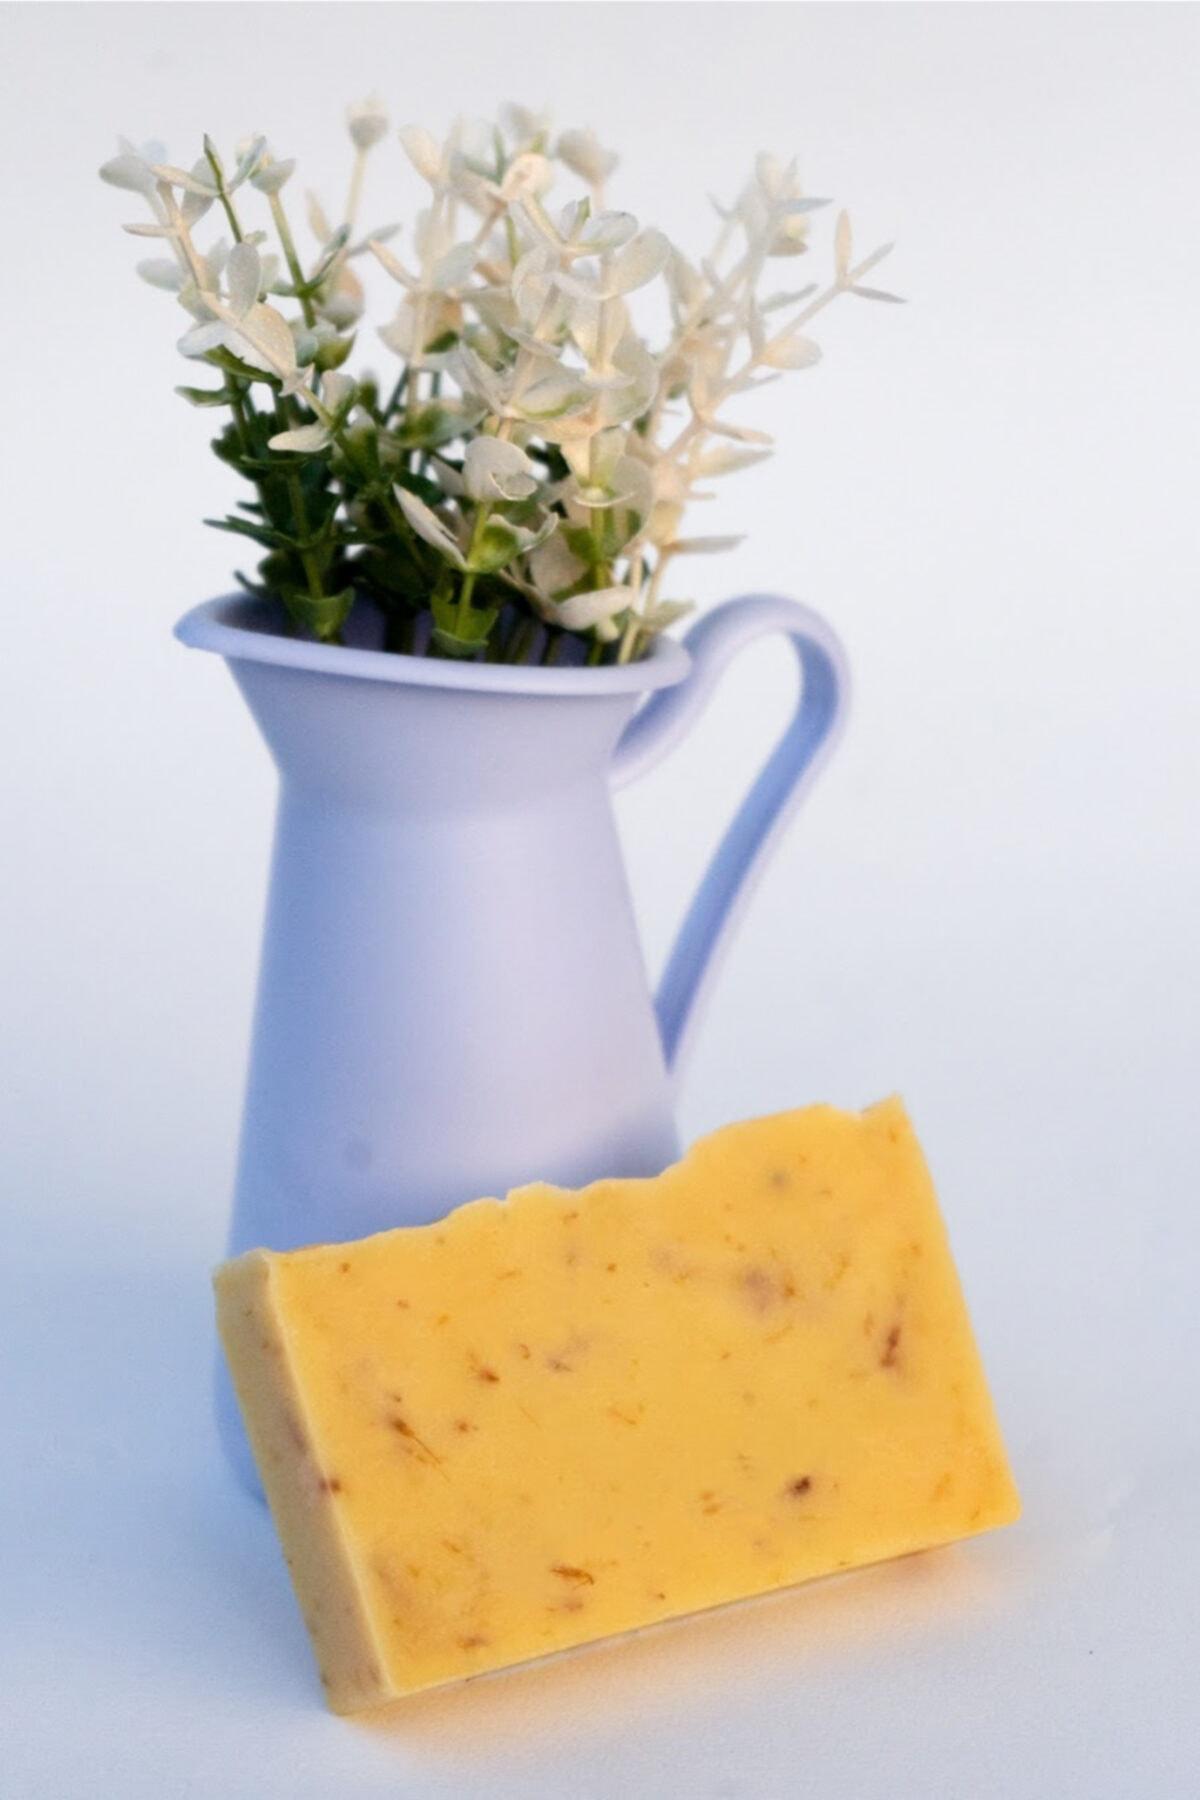 Moisturizing Mango Nemlendirici Vücut Sabunu - Kuru, Hassas Ve Çok Hassas Ciltler - Vegan